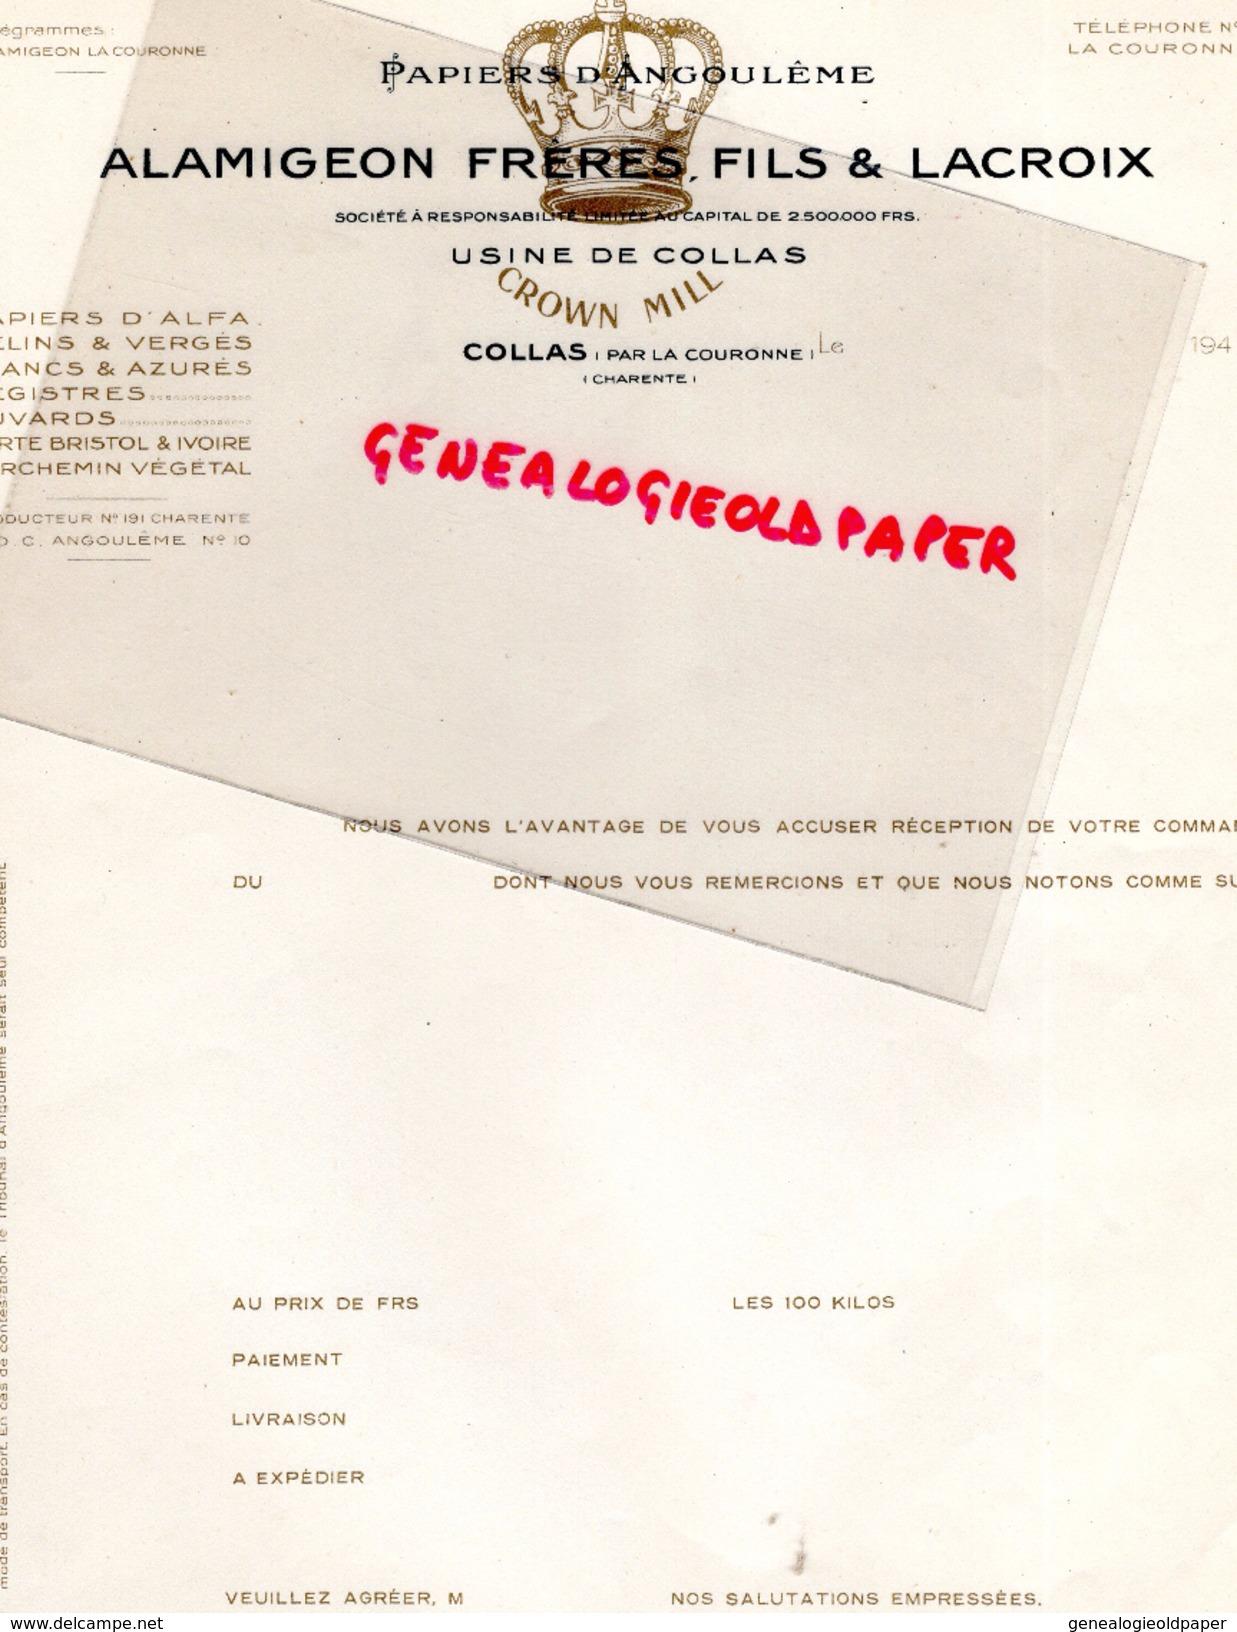 16 - COLLAS PAR LA COURONNE- FACTURE ALAMIGEON FRERES FILS & LACROIX- PAPIERS D' ANGOULEME- PAPETERIE IMPRIMERIE-1940 - Papeterie